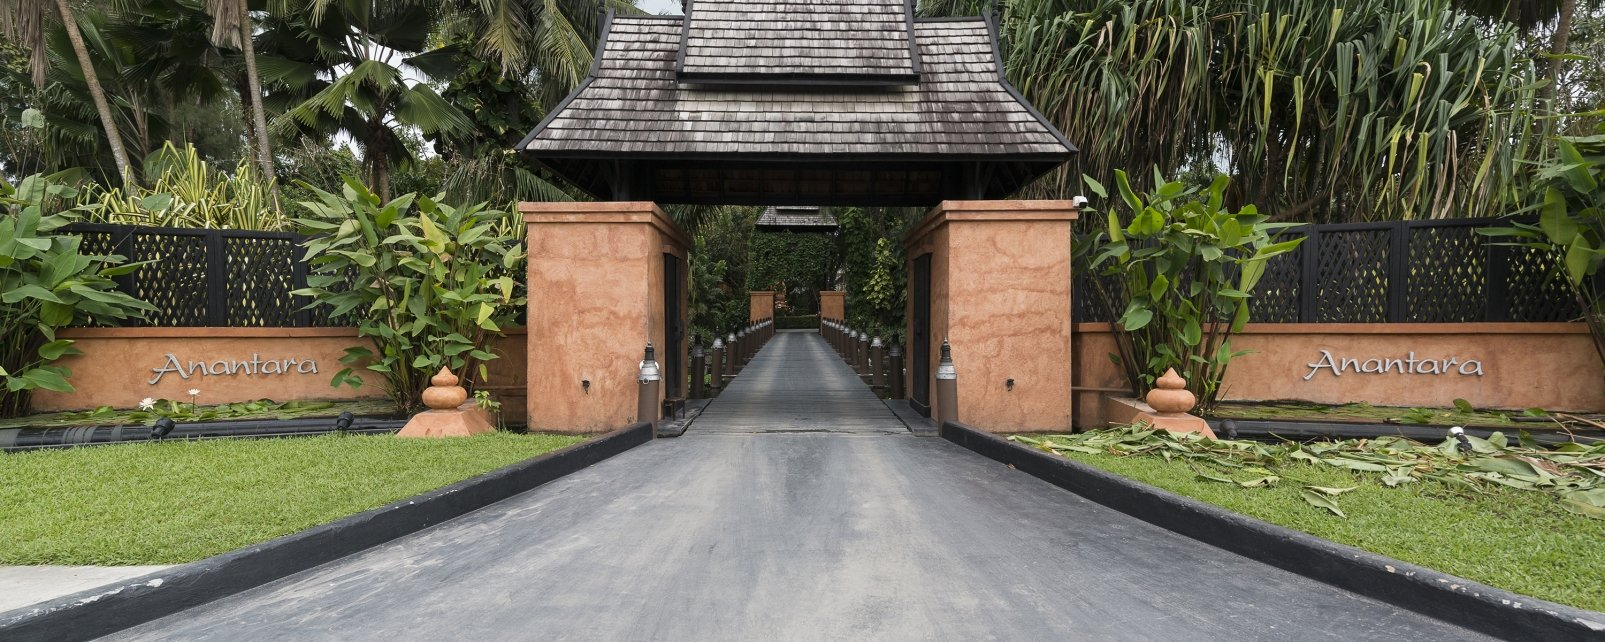 Hôtel Anantara Bophut Koh Samui Resort